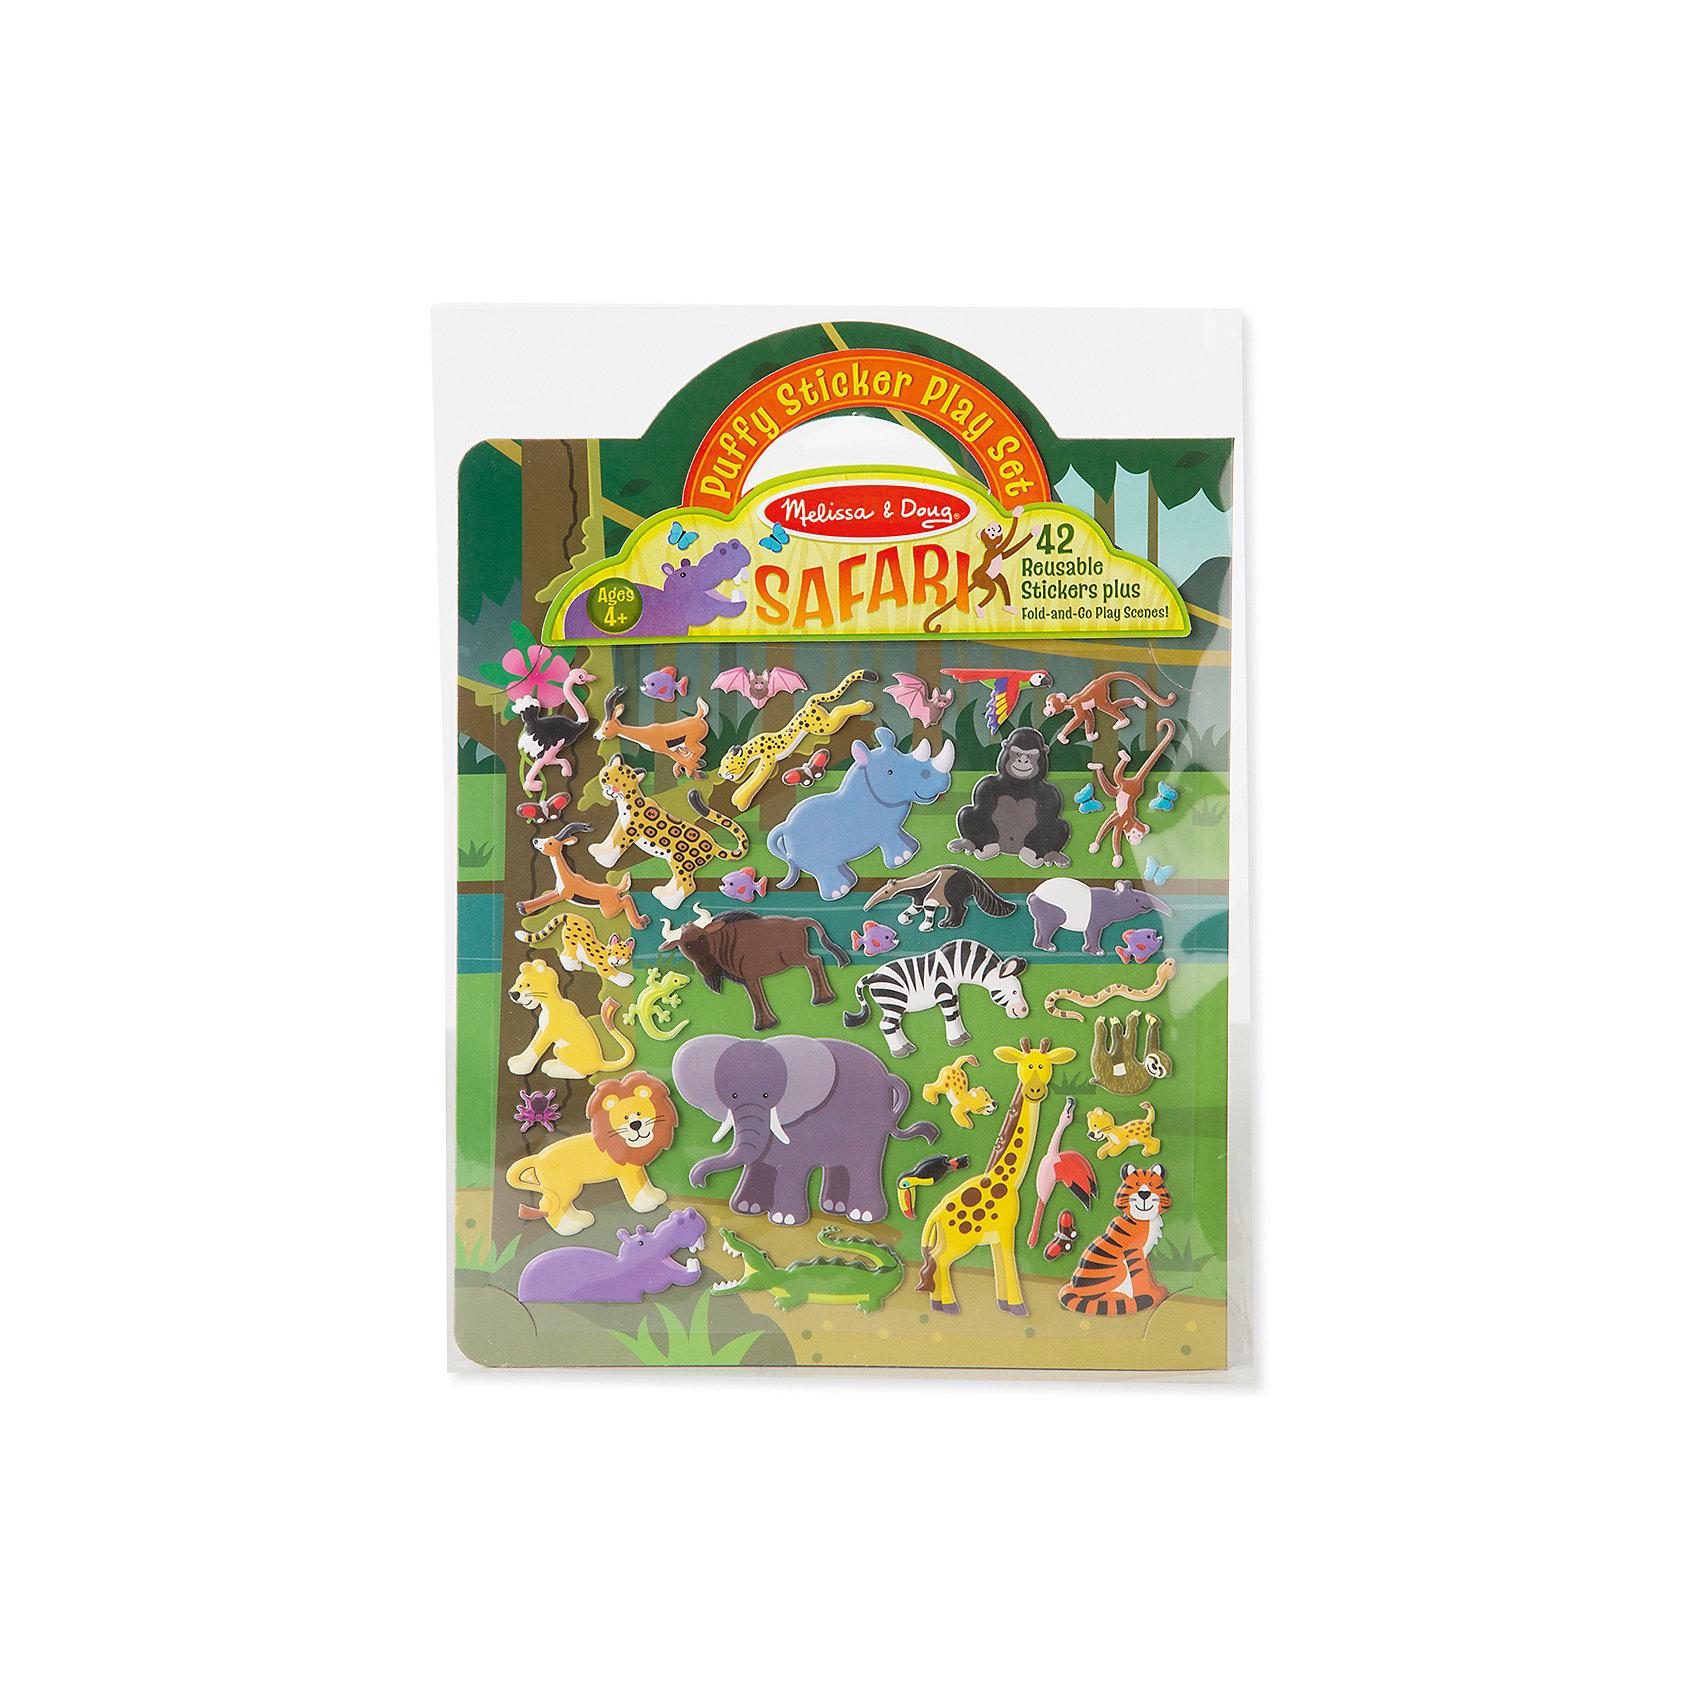 Книжка с многоразовыми наклейками СафариТворчество для малышей<br>Такой набор - это отличный вариант подарка ребенку, который одновременно и развлечет малыша, и позволит ему развивать важные навыки. Это способствует развитию у малышей мелкой моторики, цветовосприятия, художественного вкуса, внимания и воображения. <br>Набор состоит из листов с заготовками, которые можно заполнять деталями с помощью наклеек. Это очень увлекательно! Набор отличается простотой использования и отличным качеством исполнения. <br><br>Дополнительная информация:<br><br>комплектация: фон, 42 наклейки;<br>материал: бумага.<br><br>Набор стикеров Сафари от бренда Melissa&amp;Doug можно купить в нашем магазине.<br><br>Ширина мм: 220<br>Глубина мм: 10<br>Высота мм: 290<br>Вес г: 91<br>Возраст от месяцев: 48<br>Возраст до месяцев: 108<br>Пол: Унисекс<br>Возраст: Детский<br>SKU: 4993735